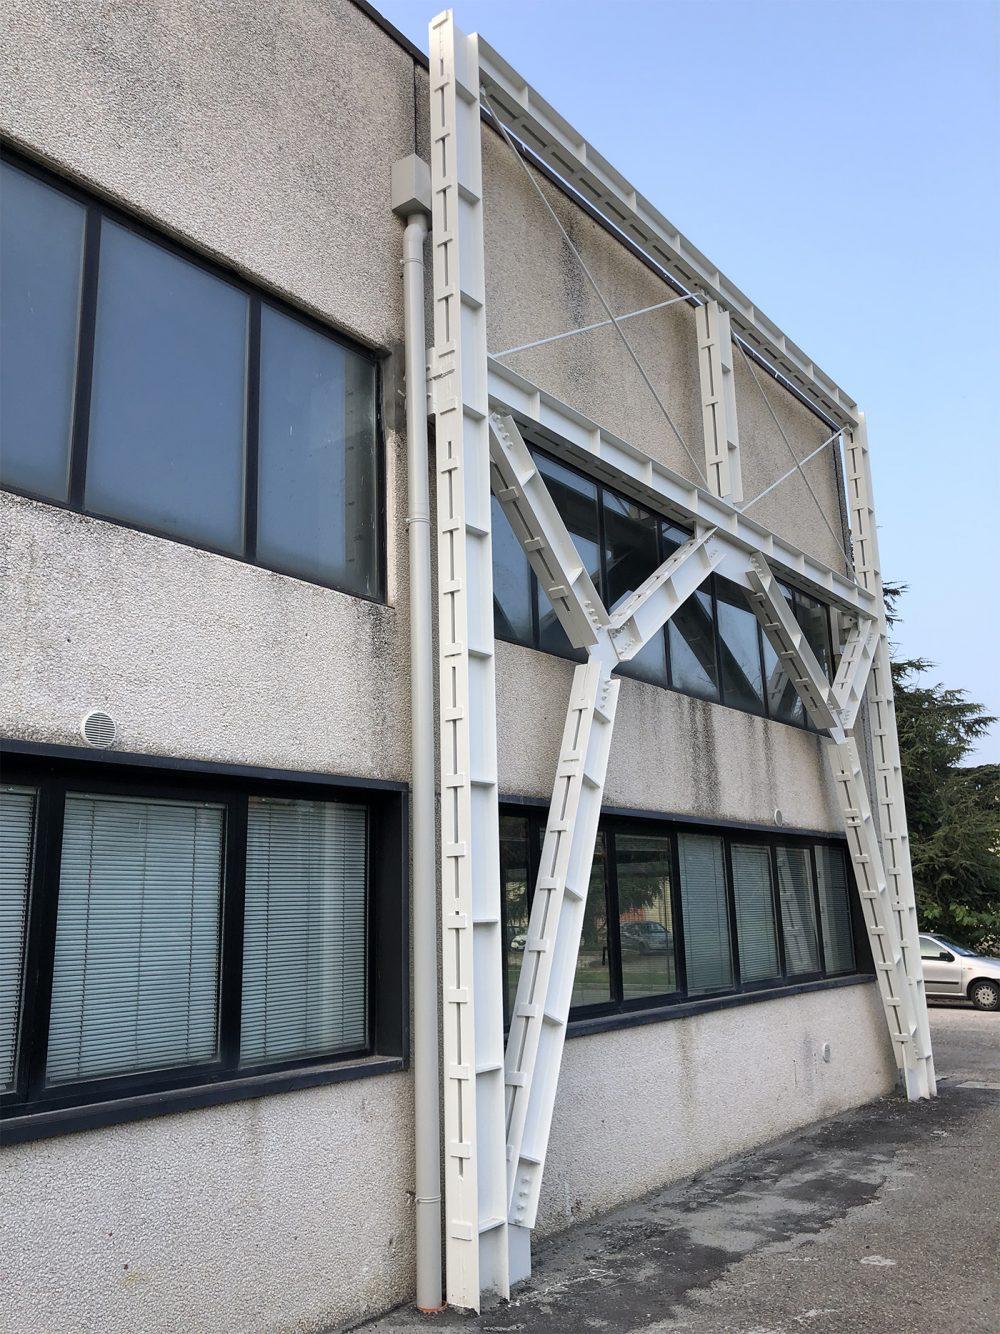 miglioramento sismico fabbricato industriale carpi